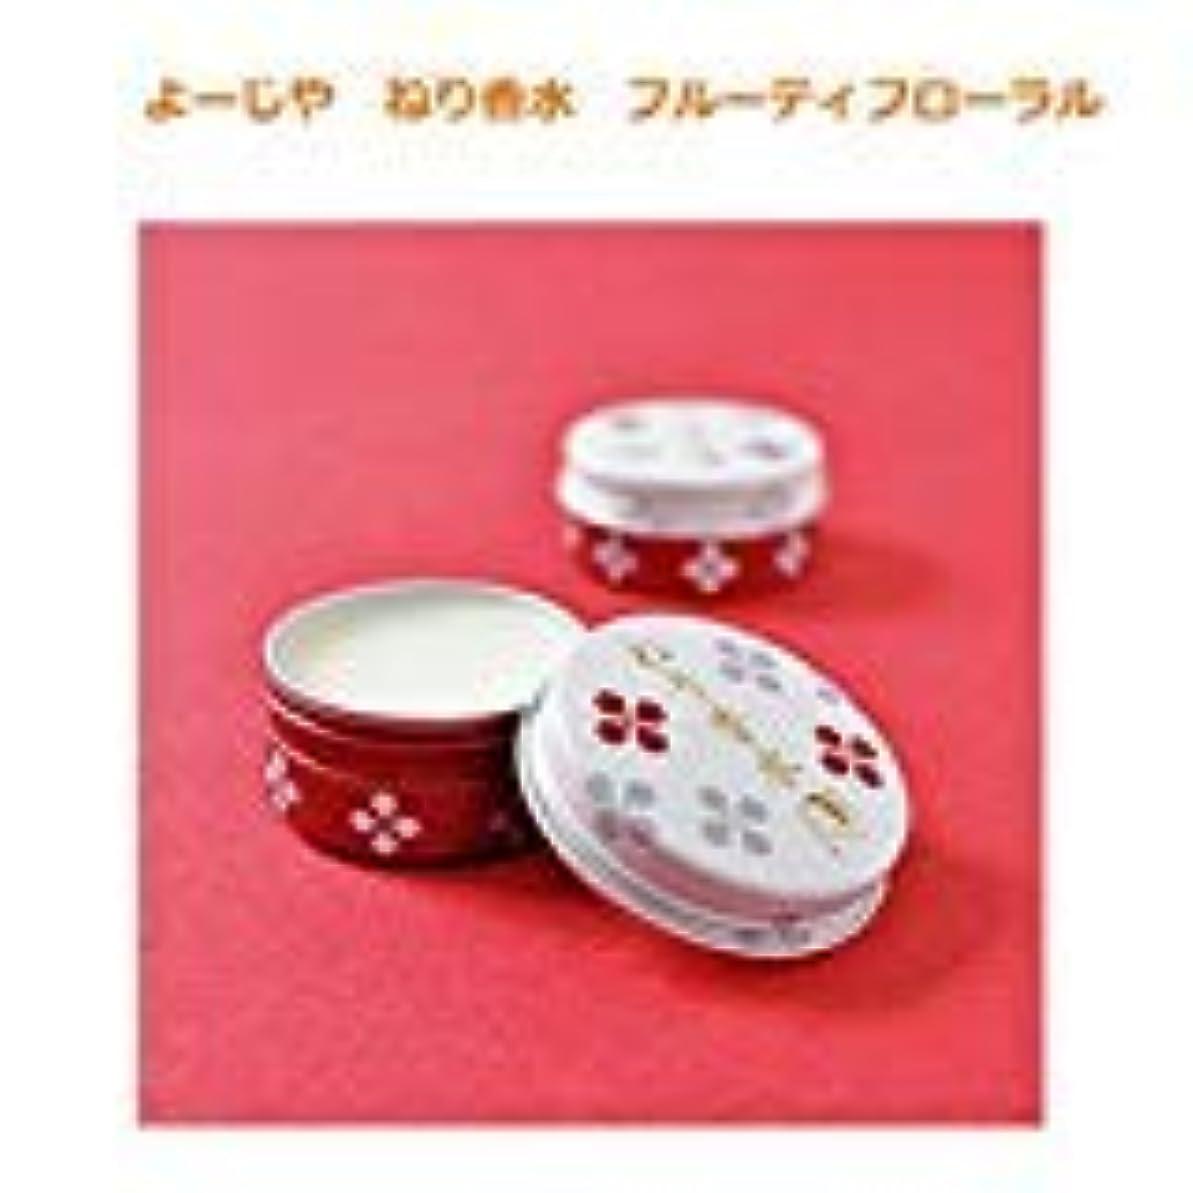 軽減比類なきおじいちゃんよーじや ねり香水 (フルーティフローラル)10g